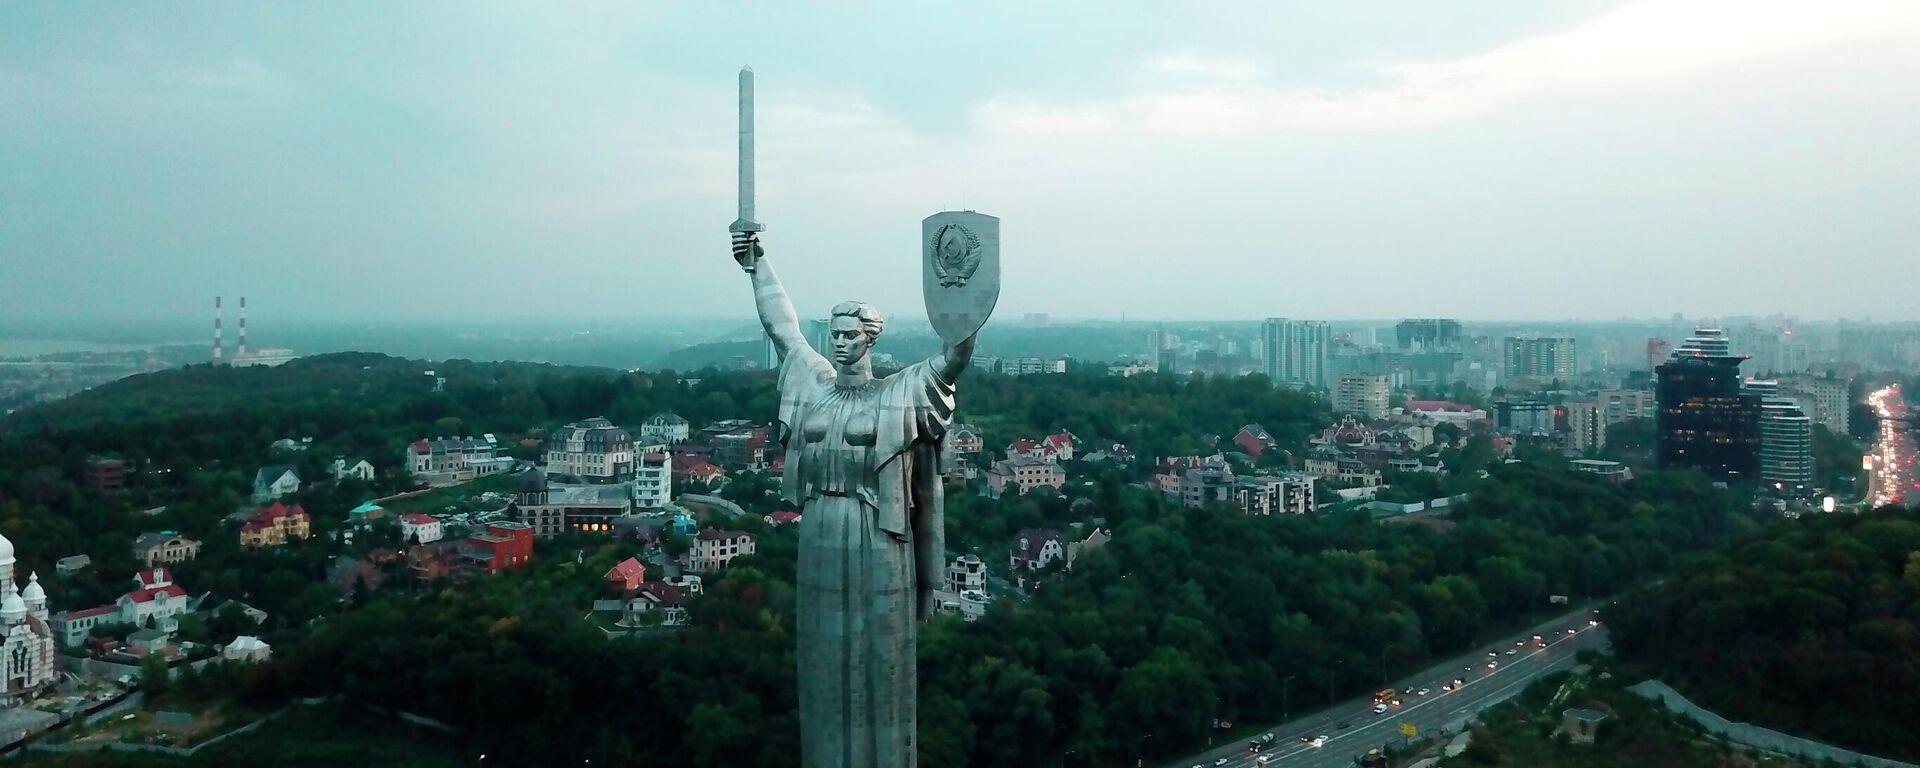 Монумент Родина-мать в Киеве, Украина. Архивное фото - Sputnik Узбекистан, 1920, 25.06.2021